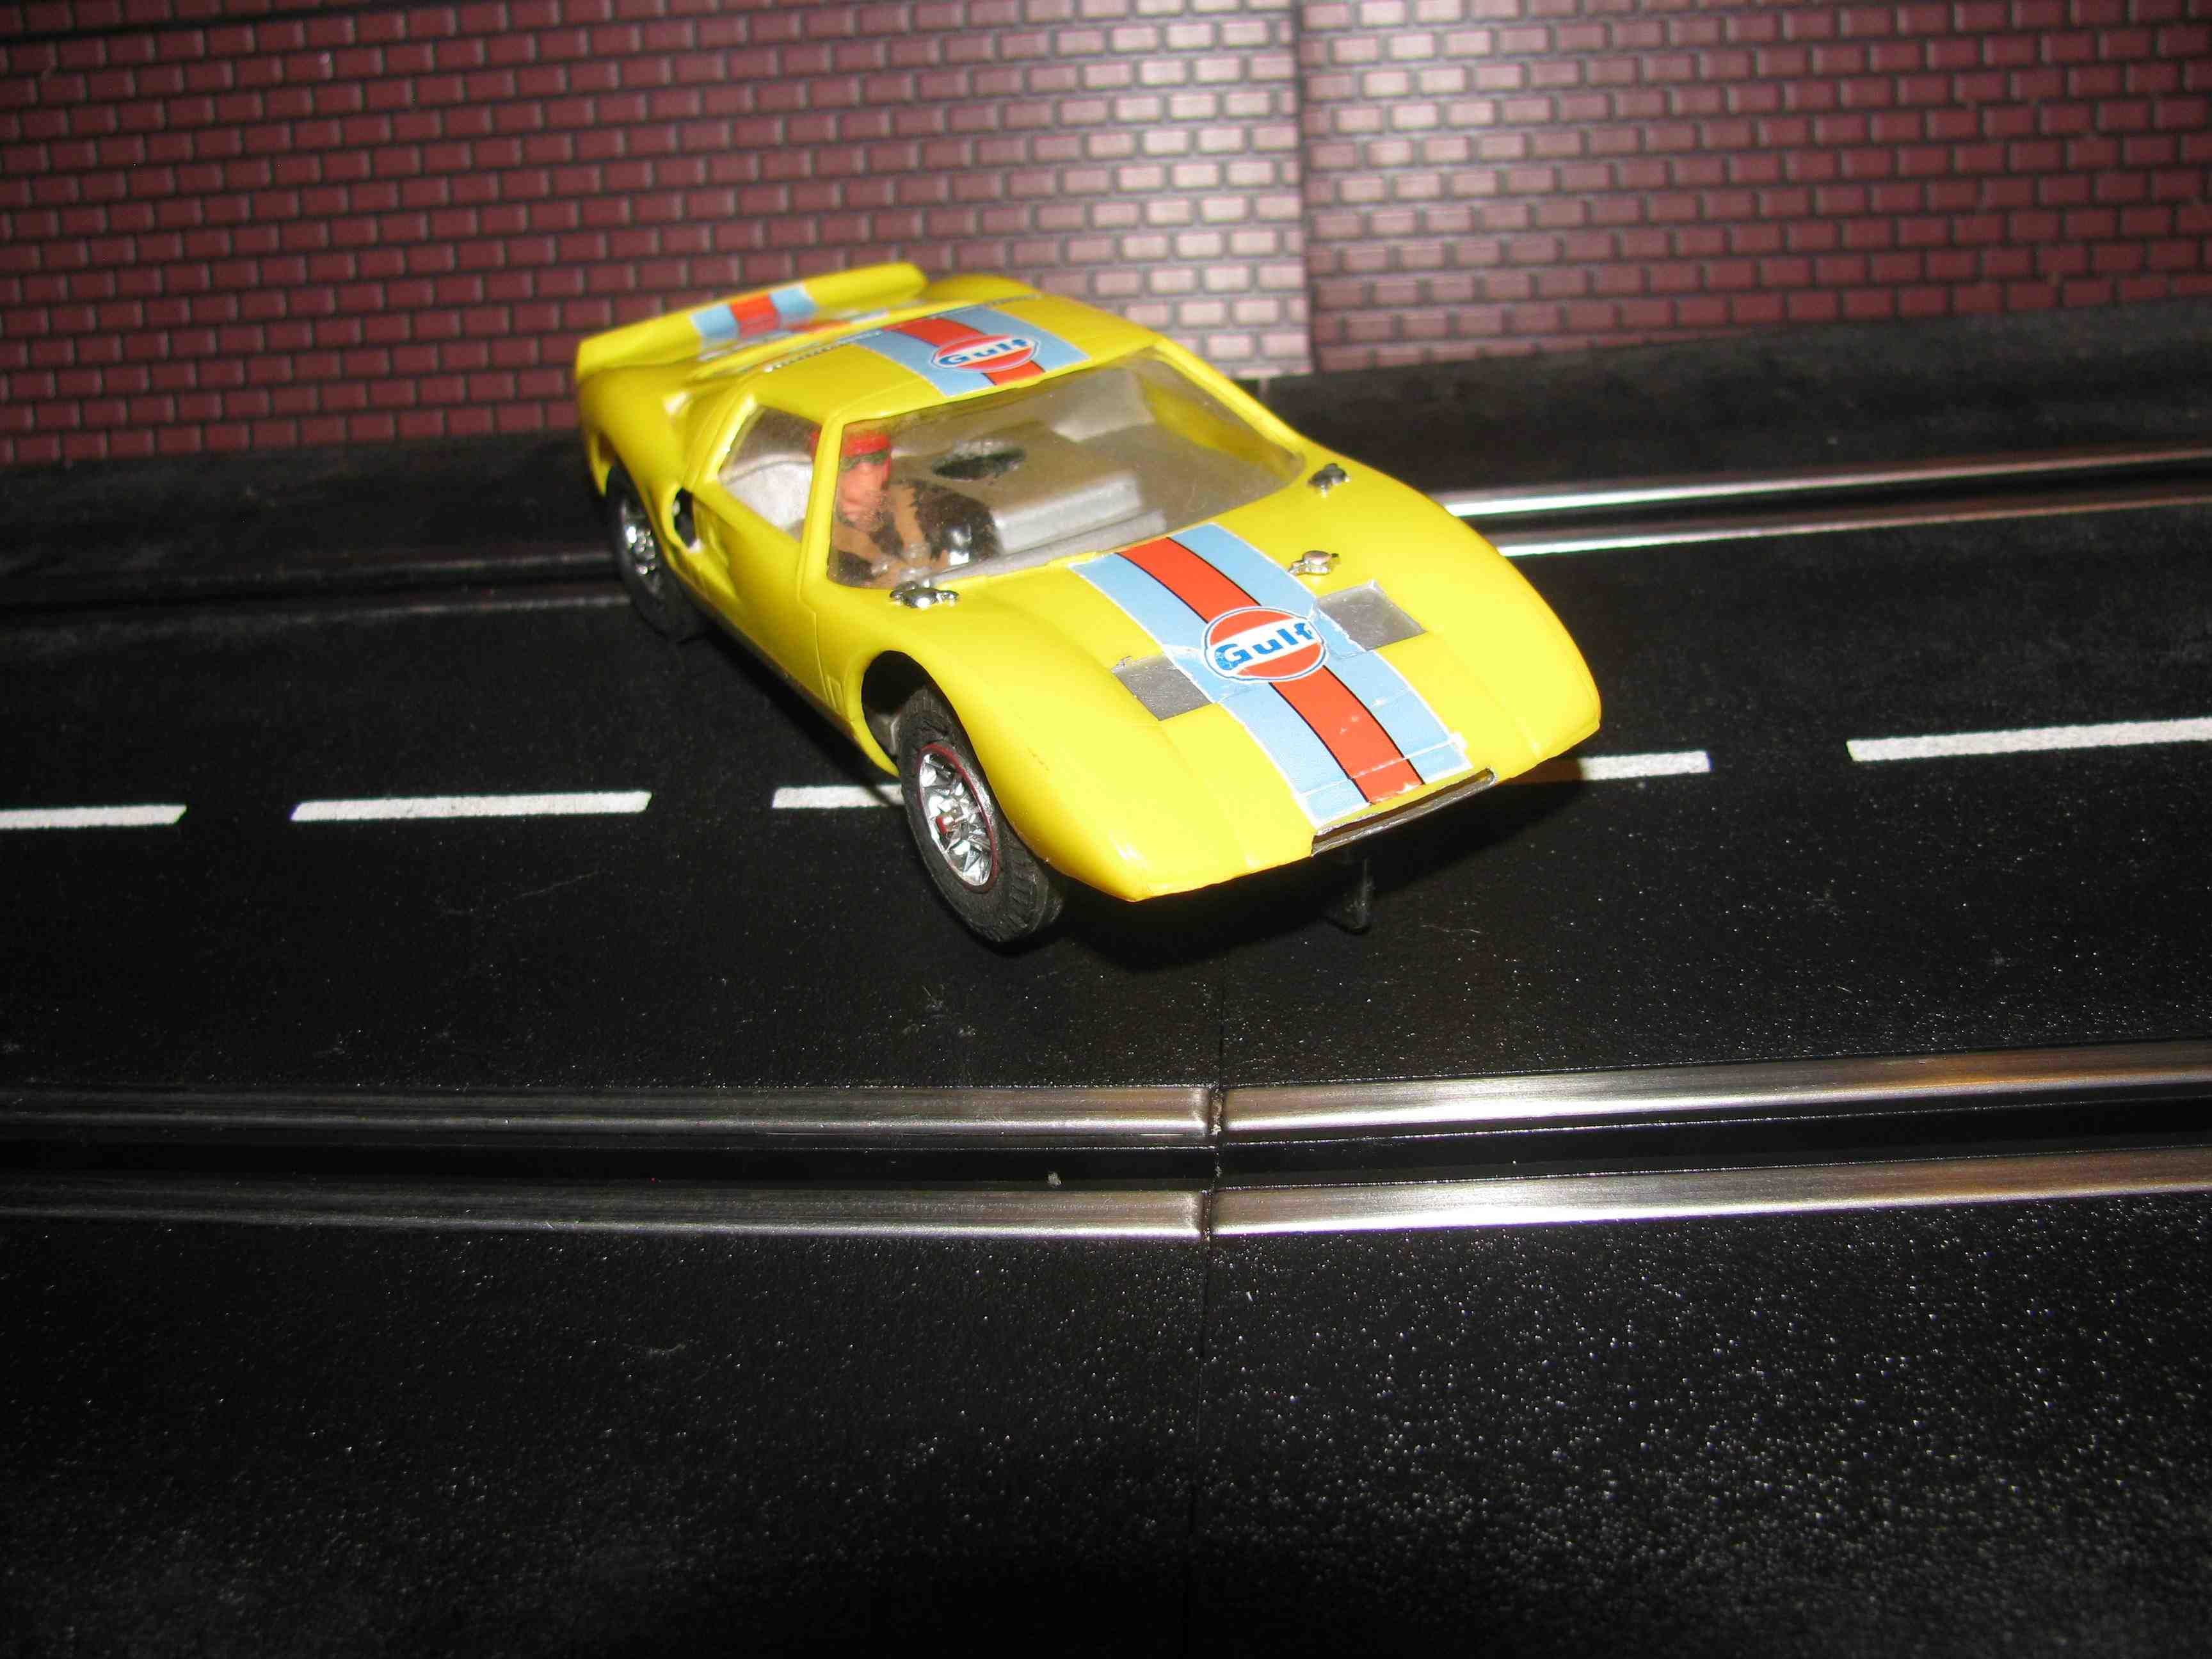 * SOLD * Vintage Strombecker Ford GT-40 Slot Car 1/32 Scale